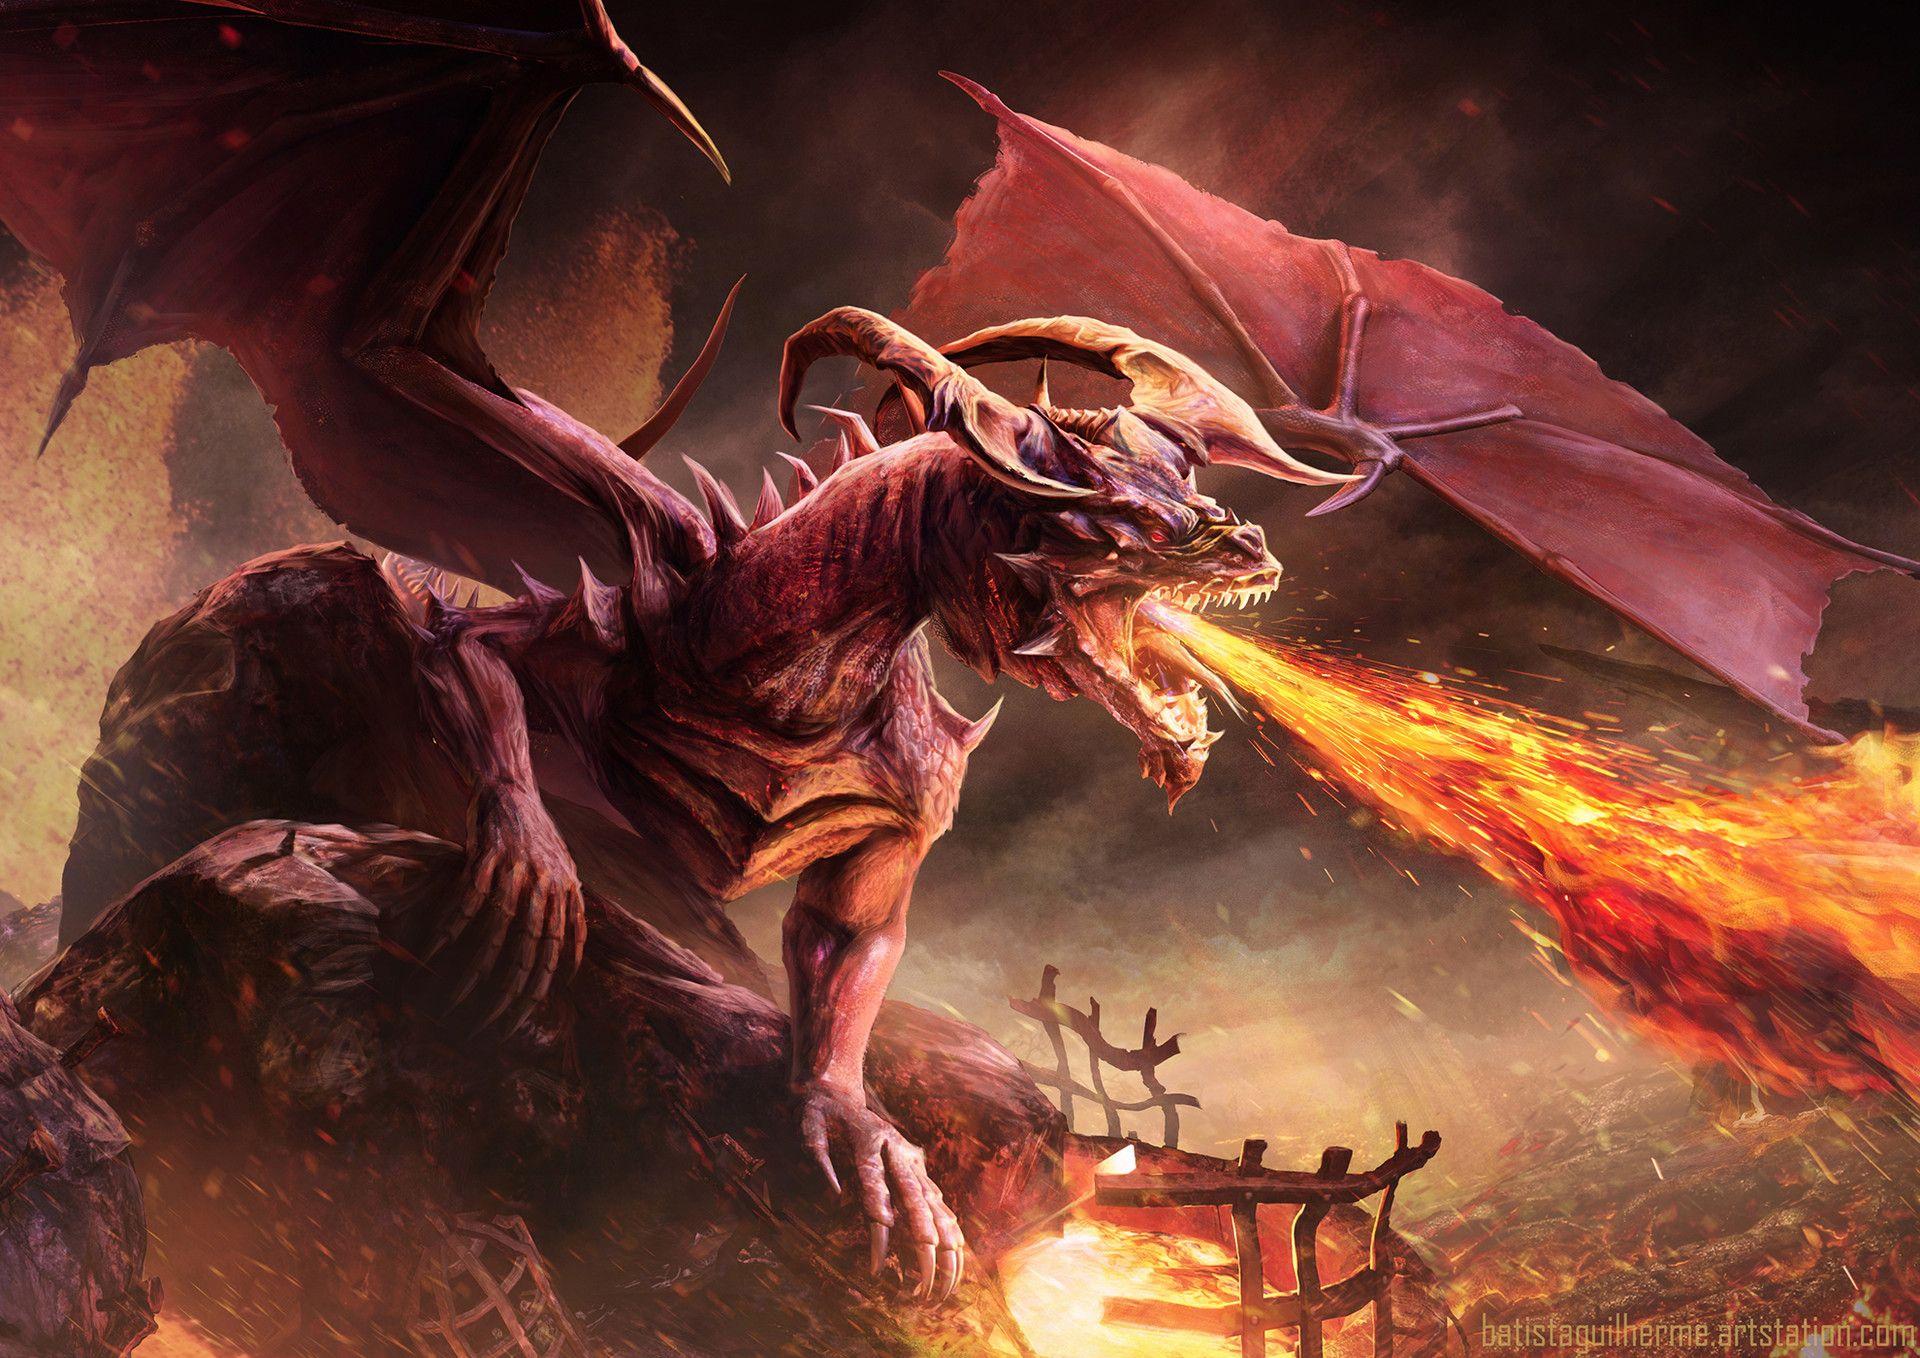 https://cdnb.artstation.com/p/assets/images/images/005/143/141/large/guilherme-batista-red-dragon-guilherme-batista.jpg?1488810238